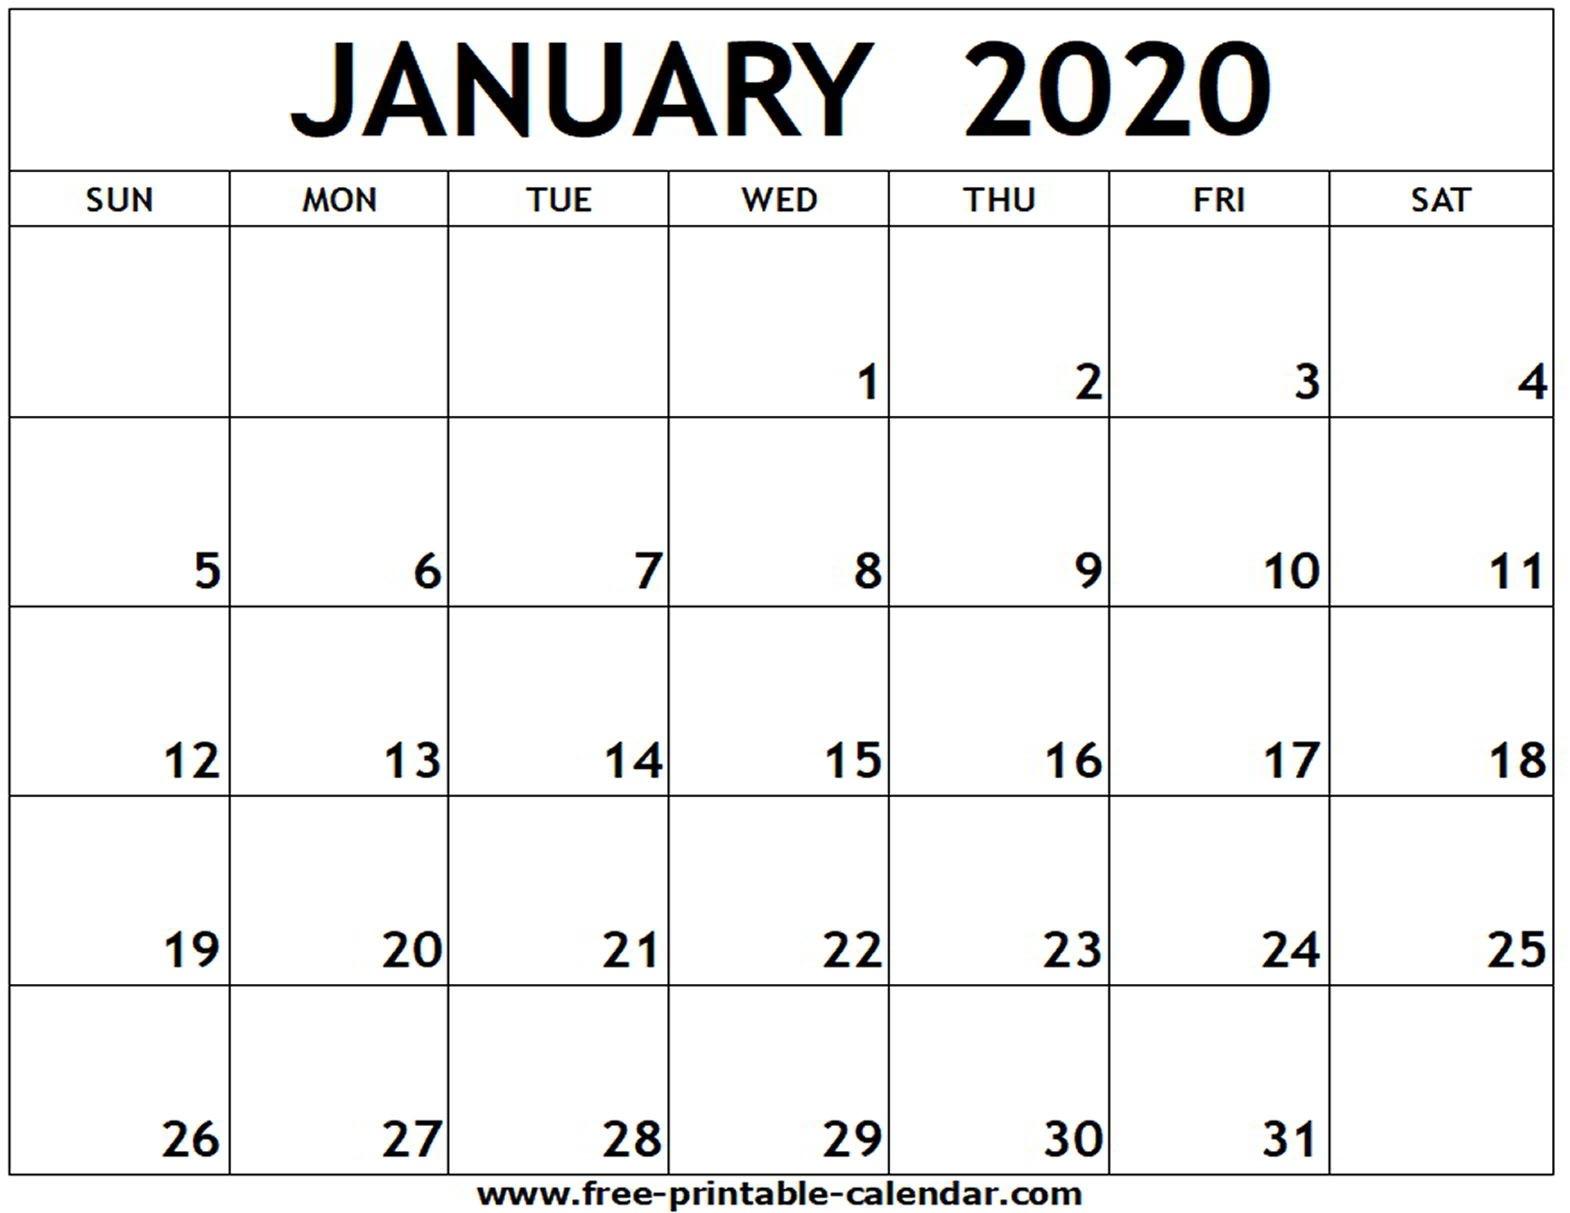 January 2020 Printable Calendar - Free-Printable-Calendar-Free January 2020 Calendar Template